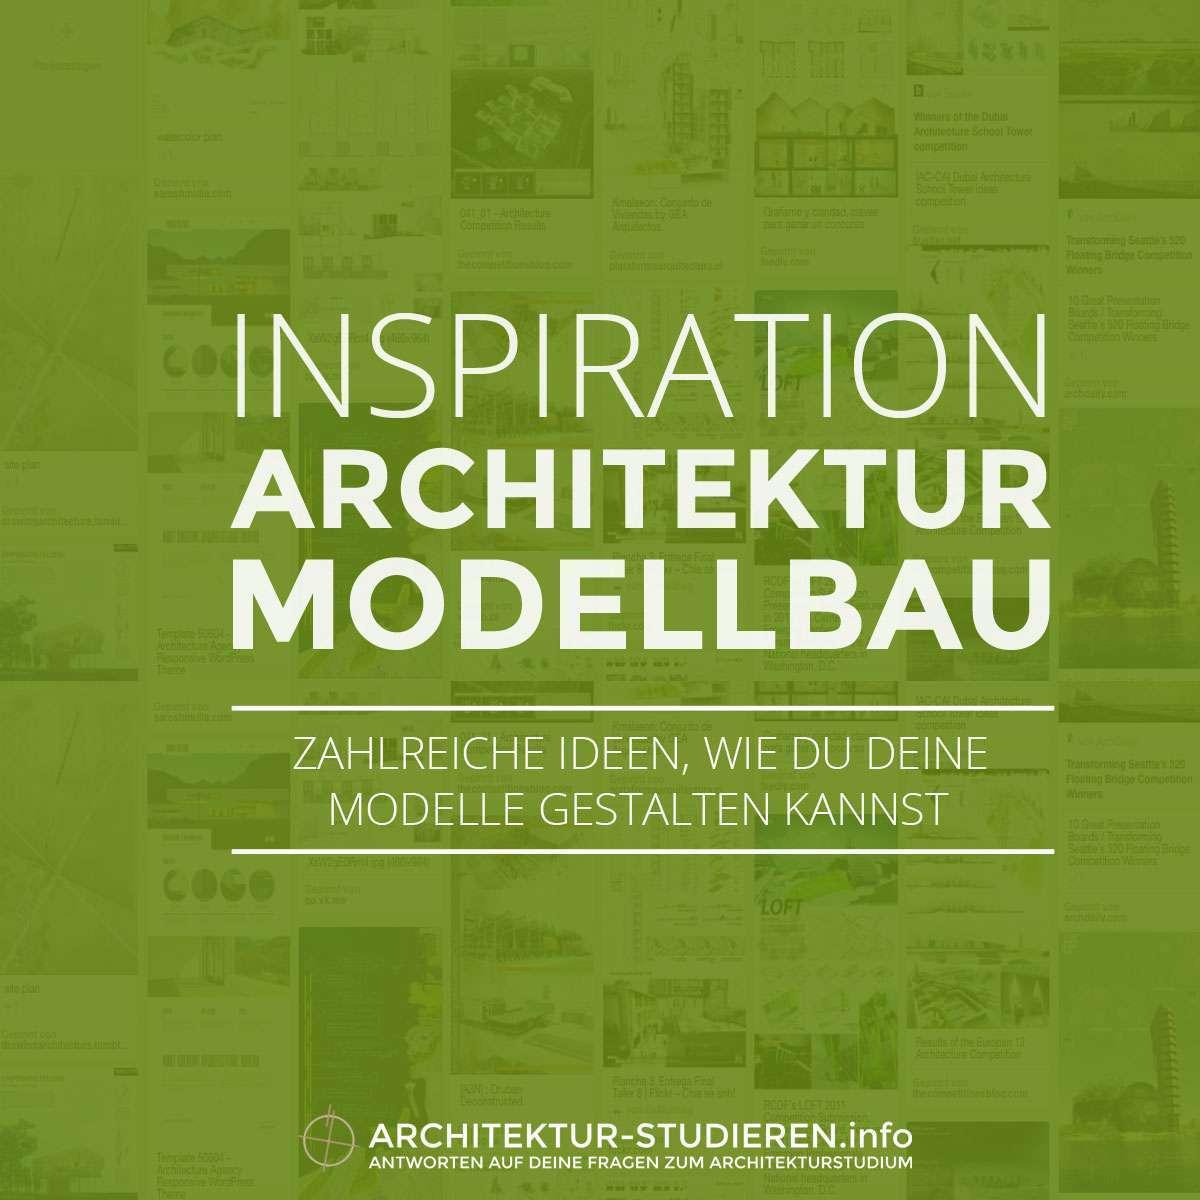 Inspiration architektur modellbau architektur studieren for Architektur studieren info